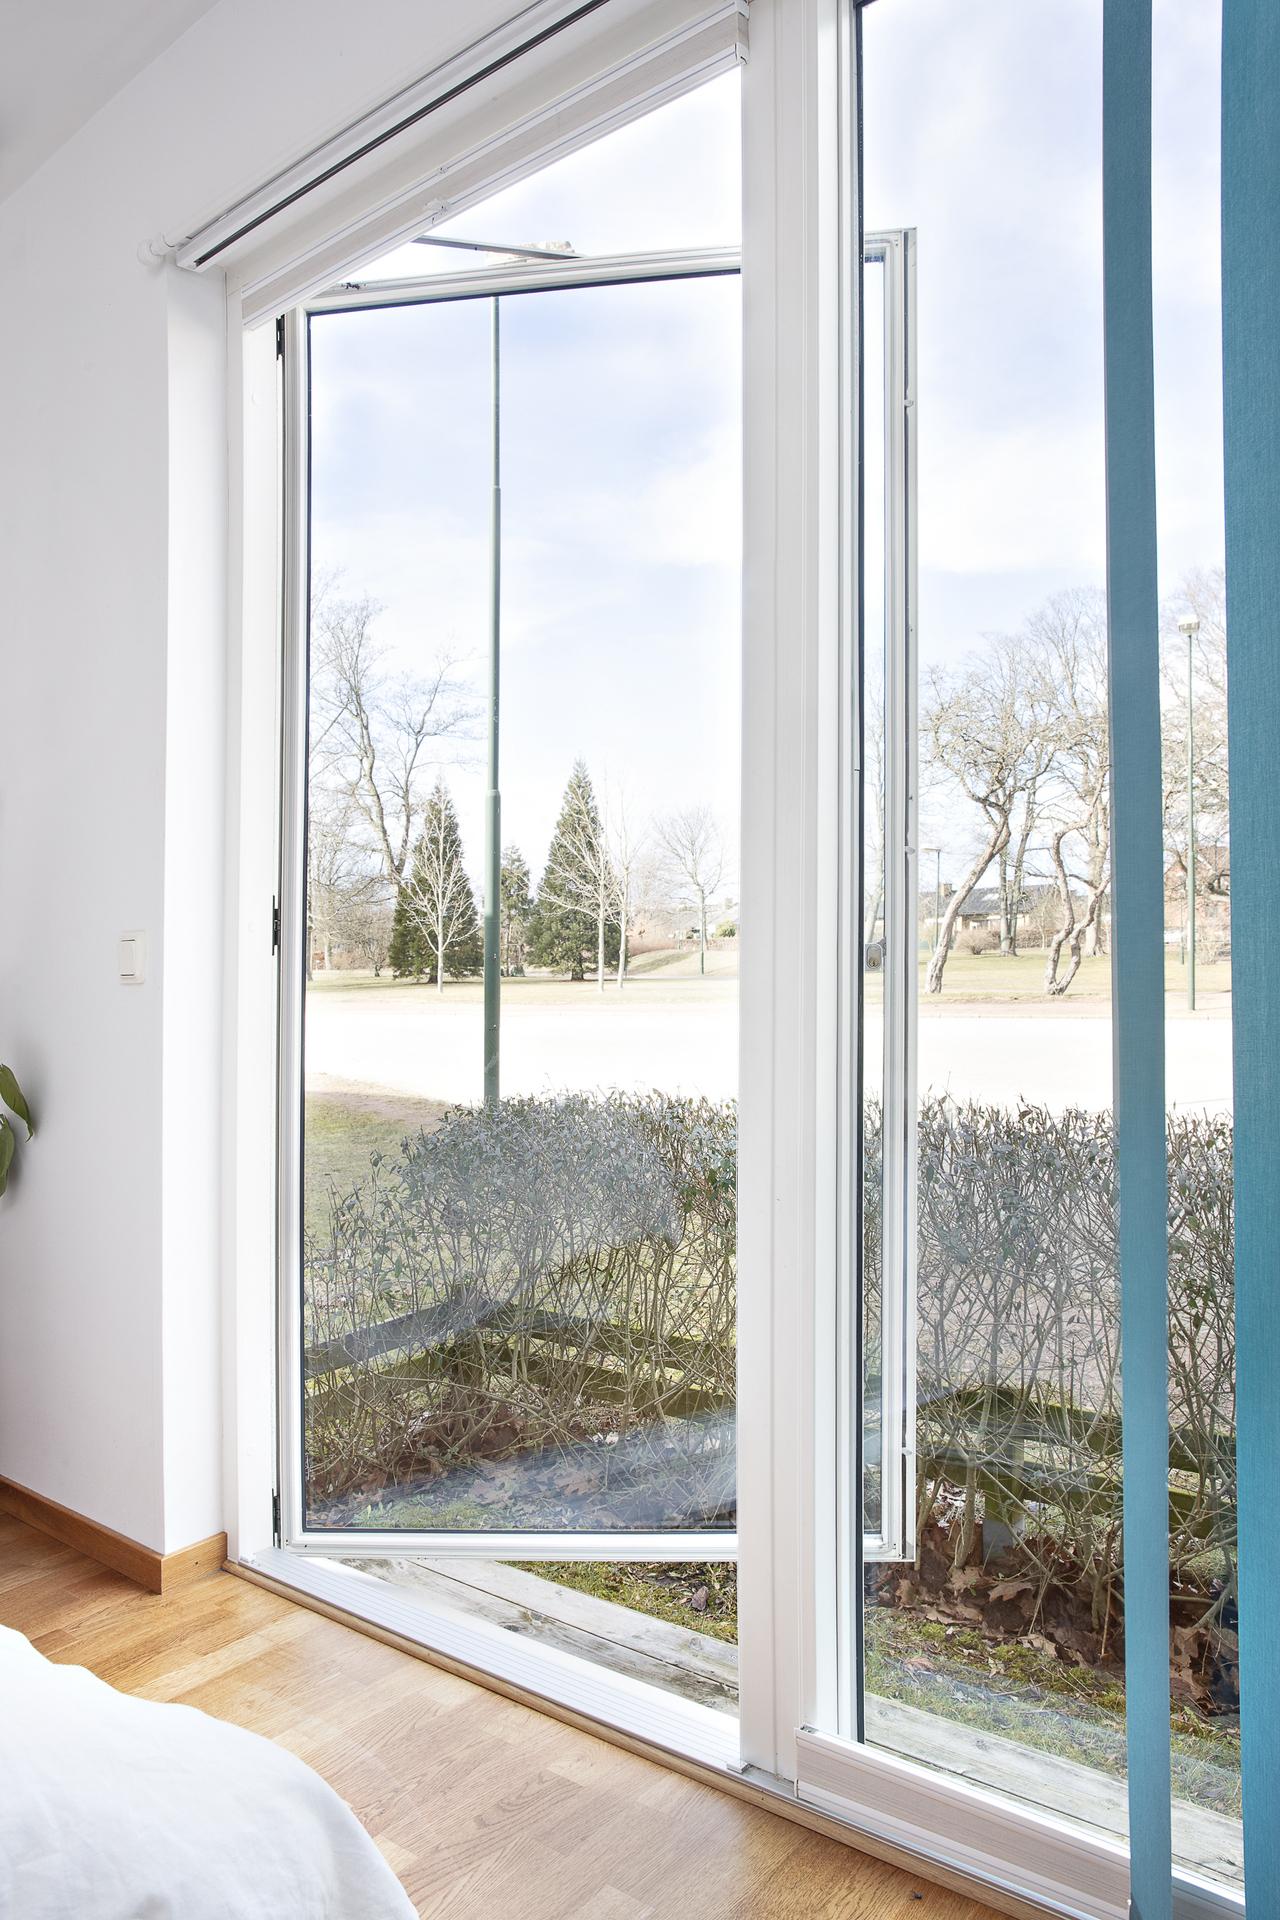 Fönster med både lamellgardiner och plisségardiner samt utgång till uteplats på baksidan